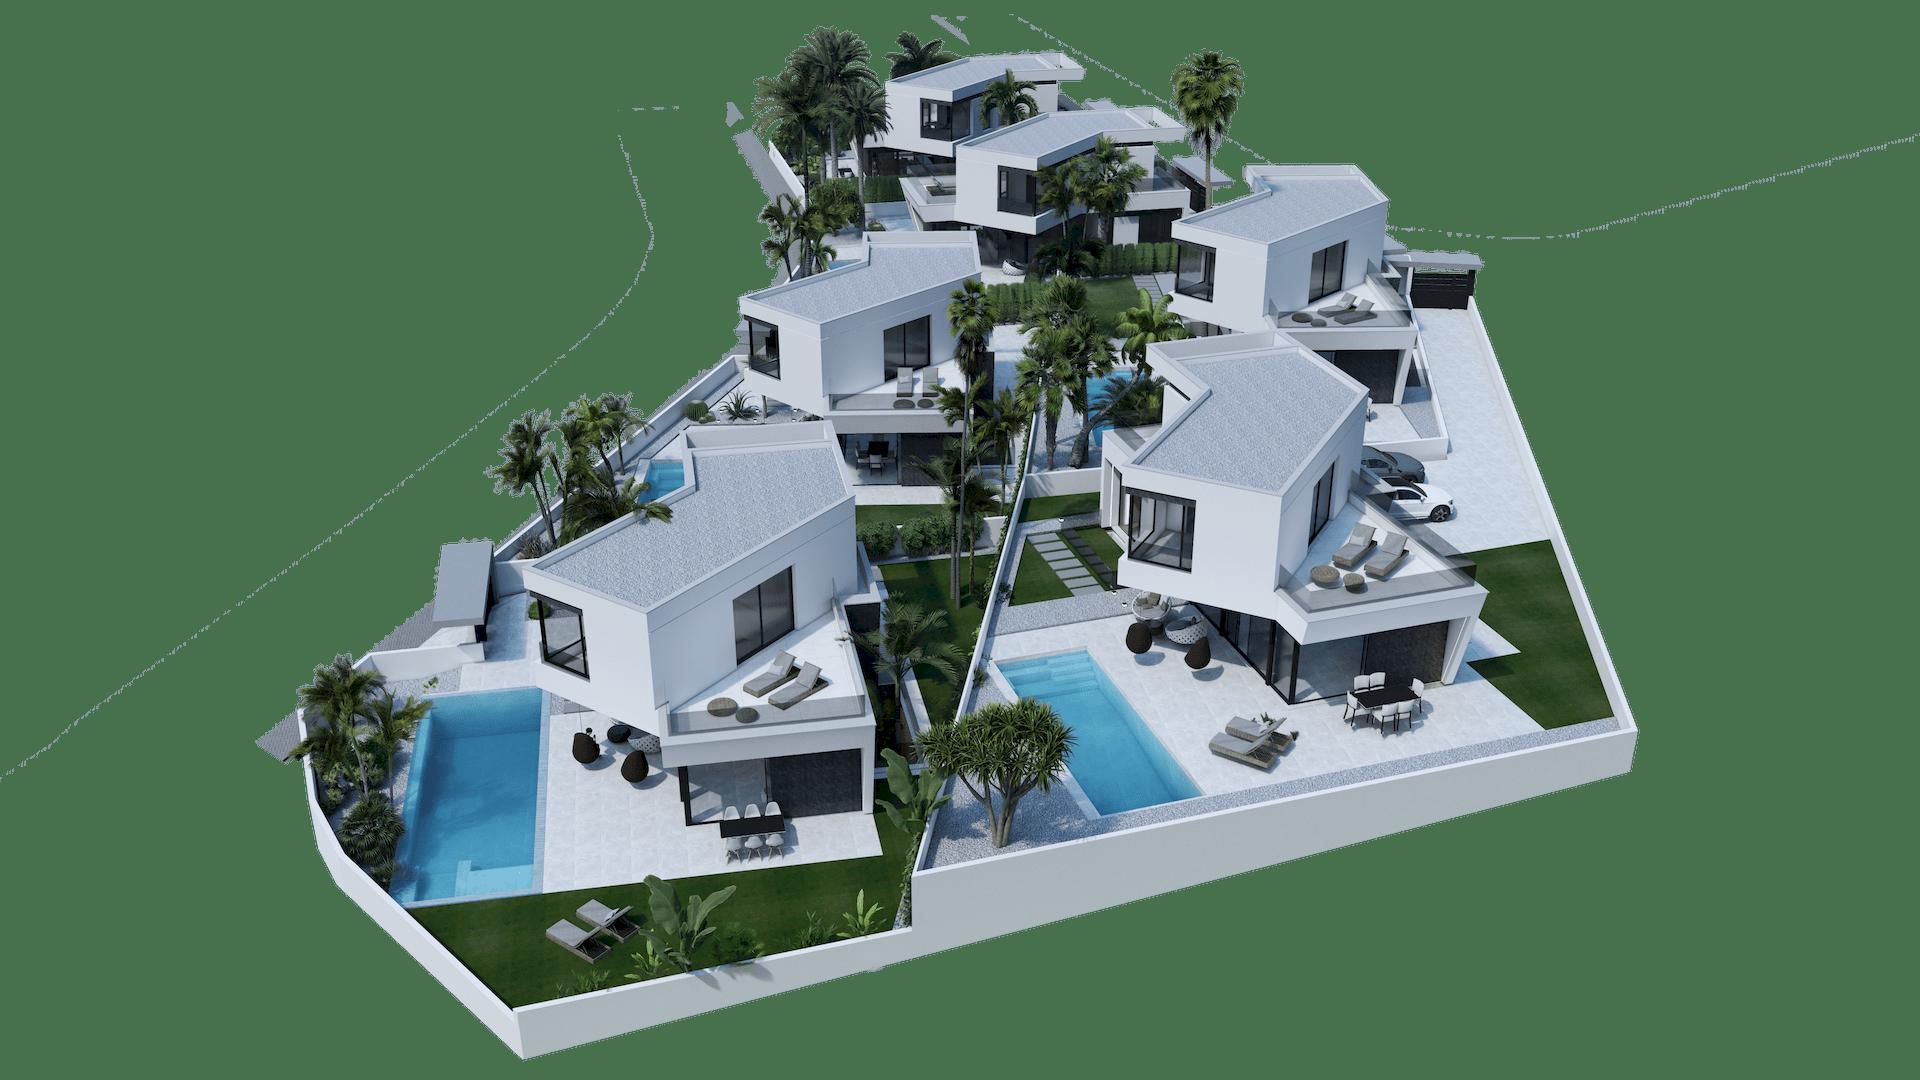 Villa de Lujo estilo Moderna a la Venta en Benidorm - Costa Blanca